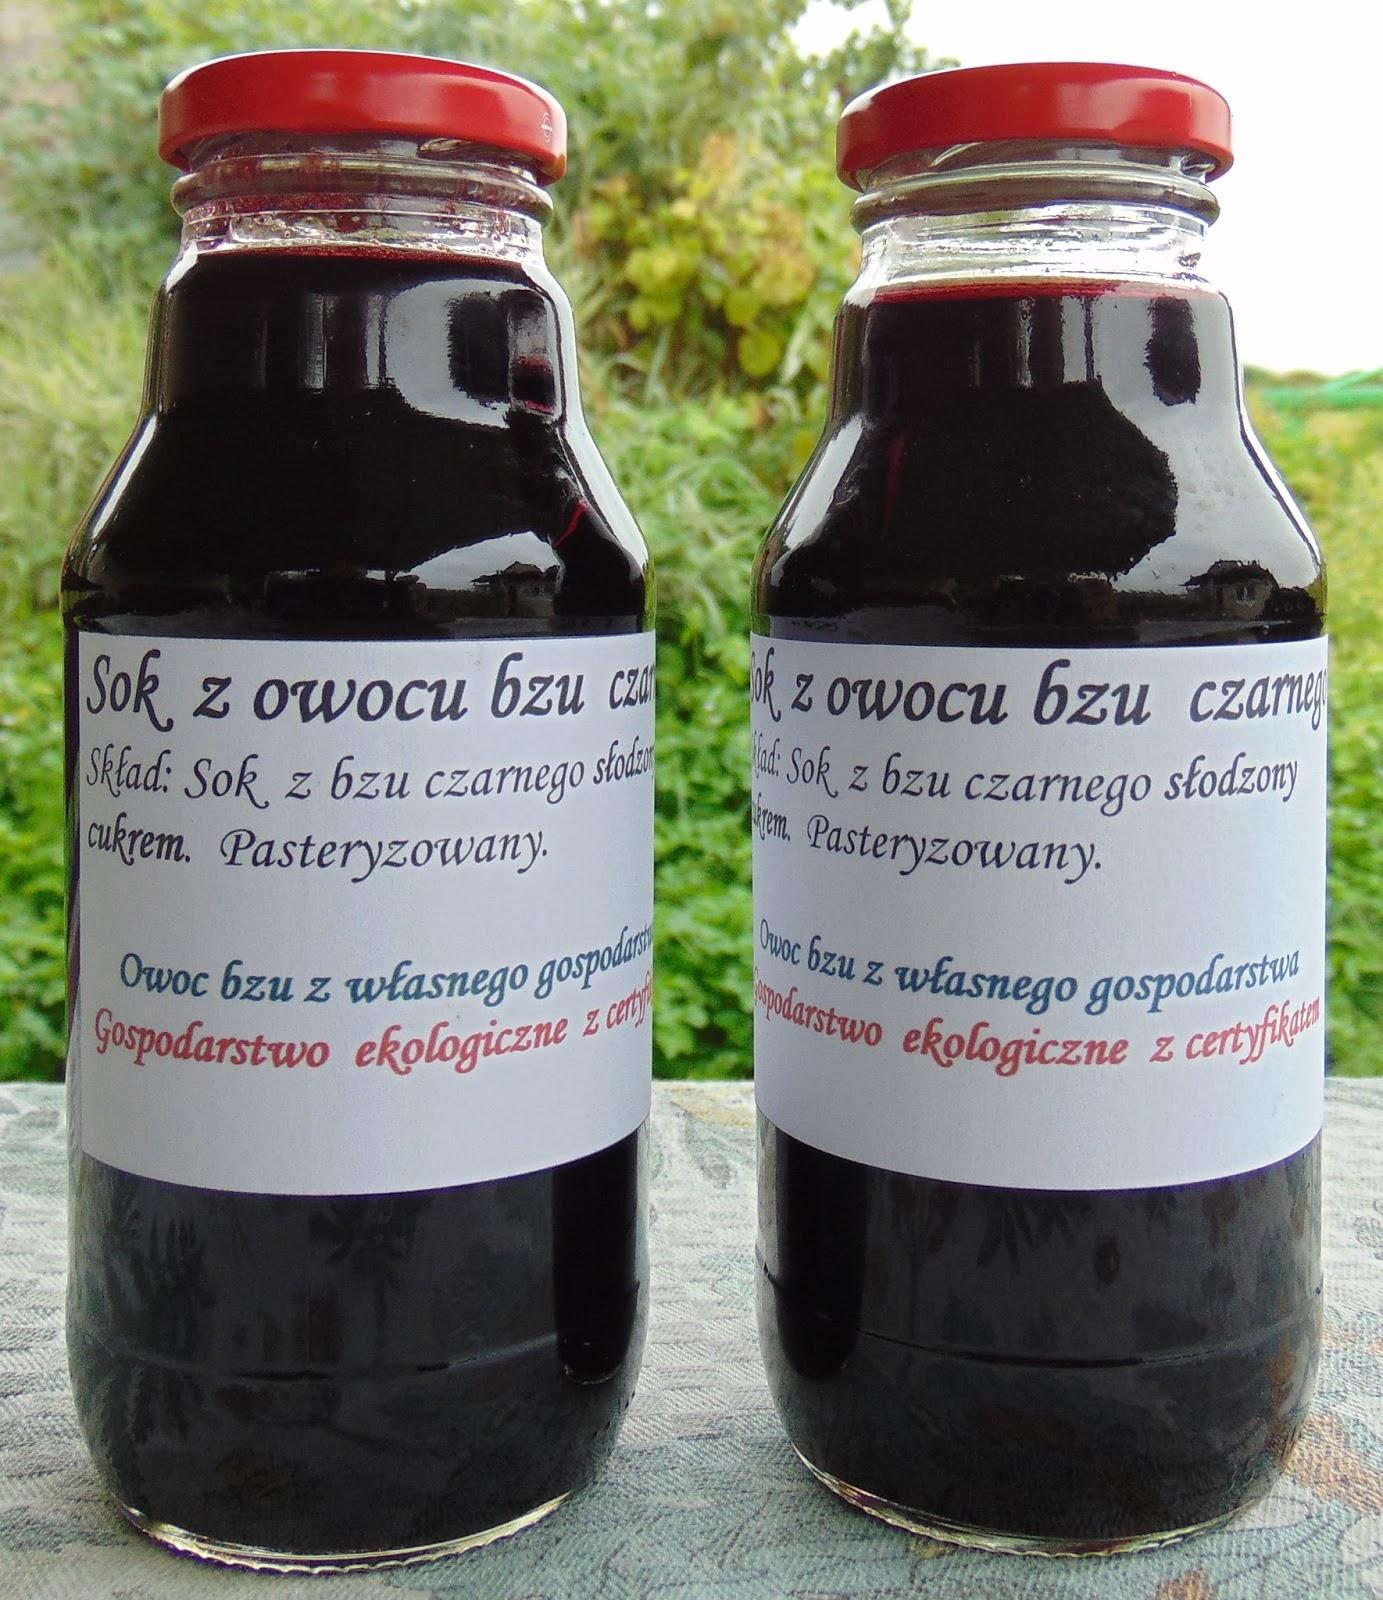 CZARNY BEZ na PRZEZIĘBIENIE: herbata i sok z czarnego bzu - sunela.eu